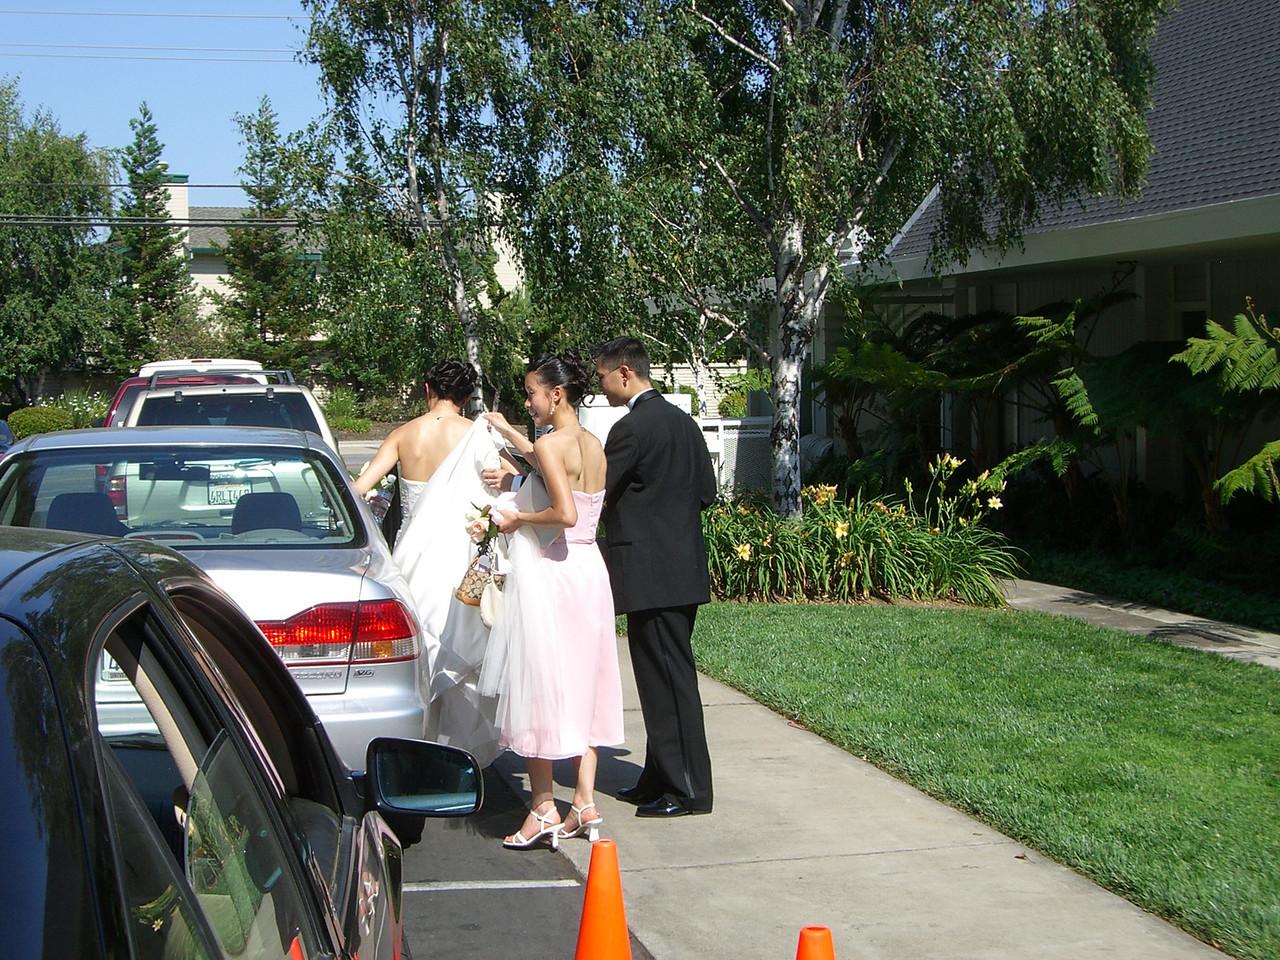 2006 06 24 Sat - Ben Poon & Bridesmaid helping JoEllen Poon into car